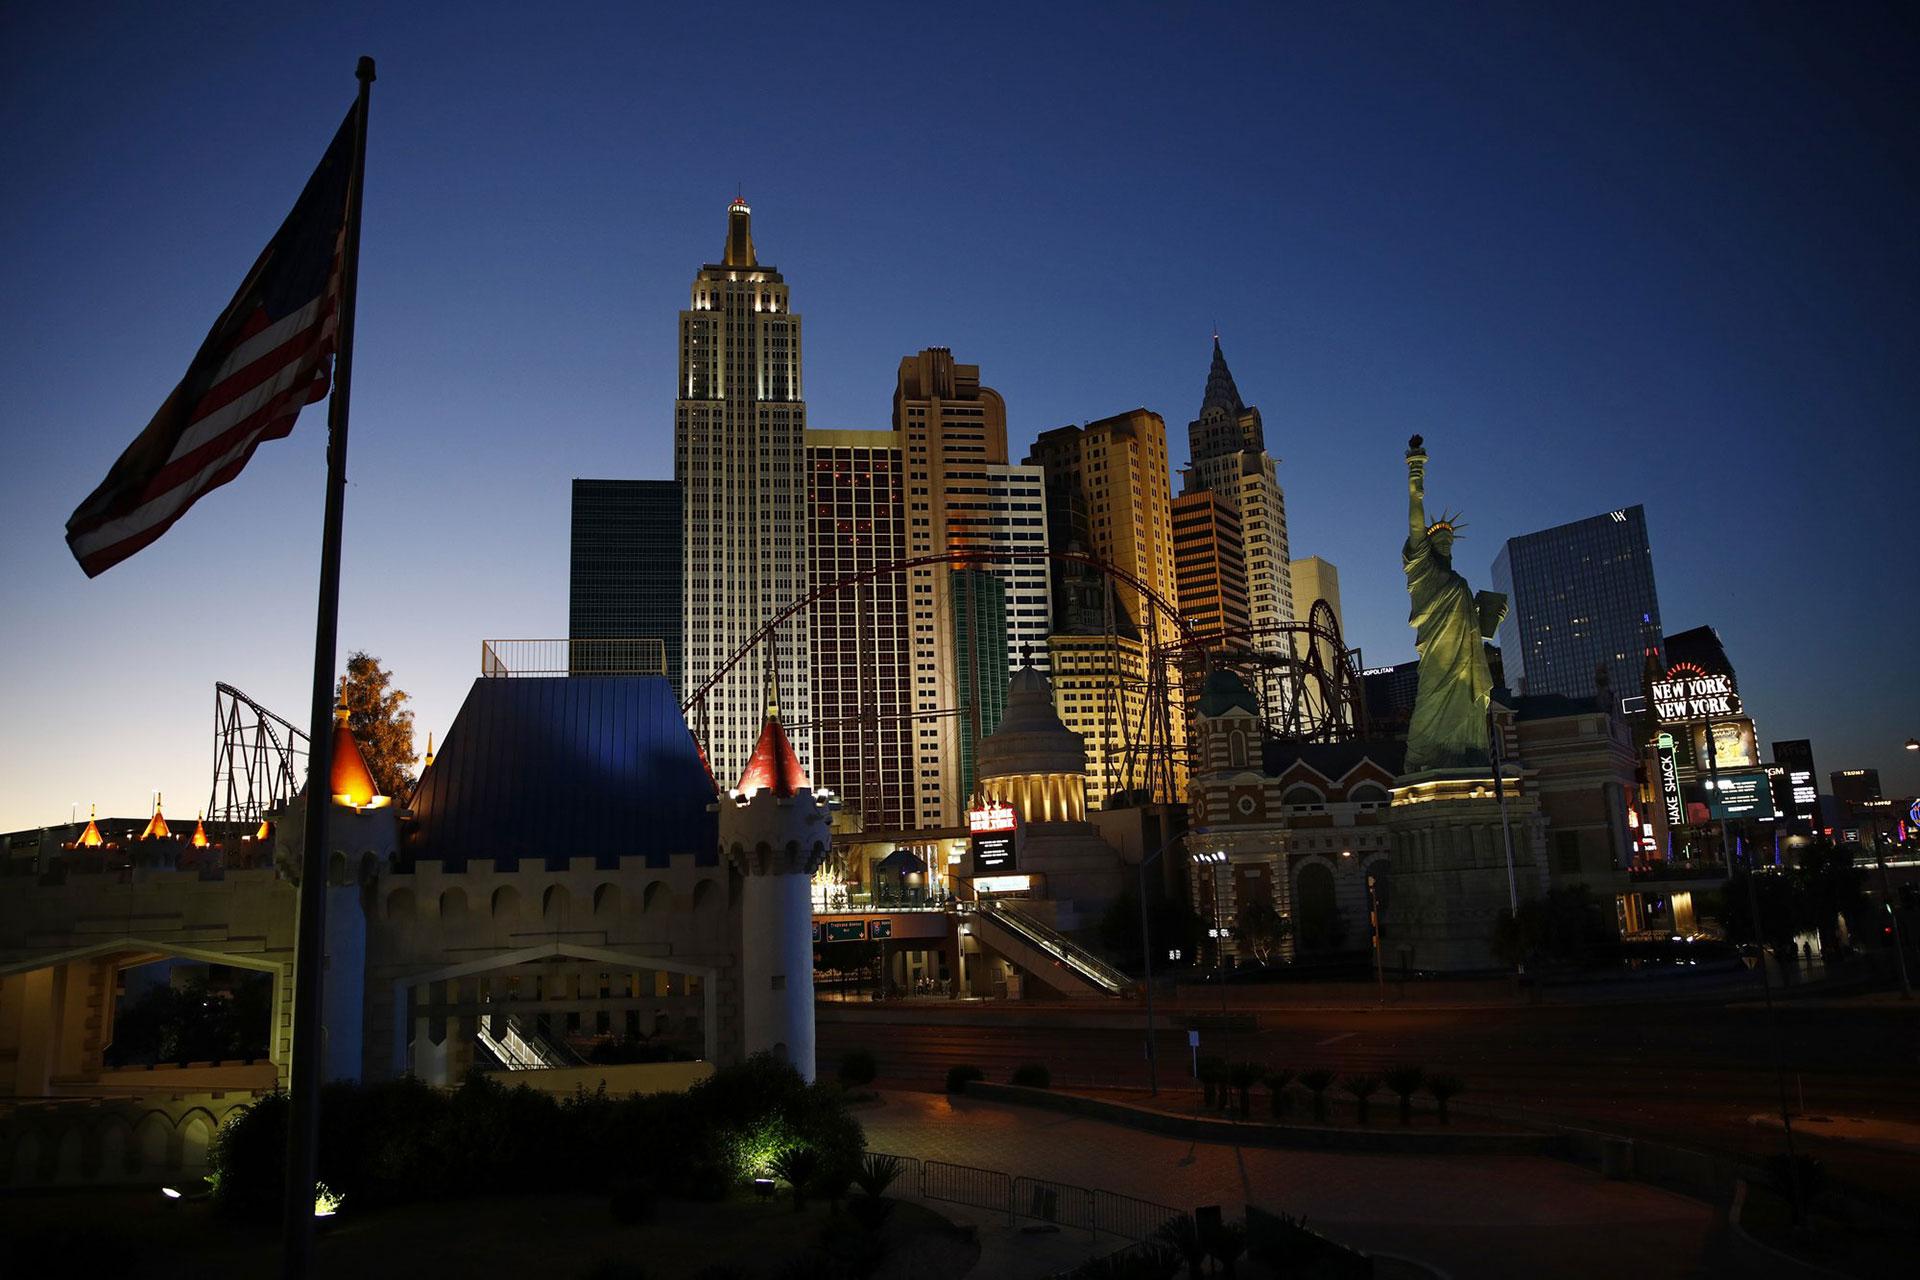 El sol se pone a lo largo del Strip de Las Vegas, desprovista de las multitudes y el tráfico habituales después de que los casinos y otros negocios continúen cerrados debido al coronavirus, el martes 28 de abril de 2020 (Foto AP / John Locher)